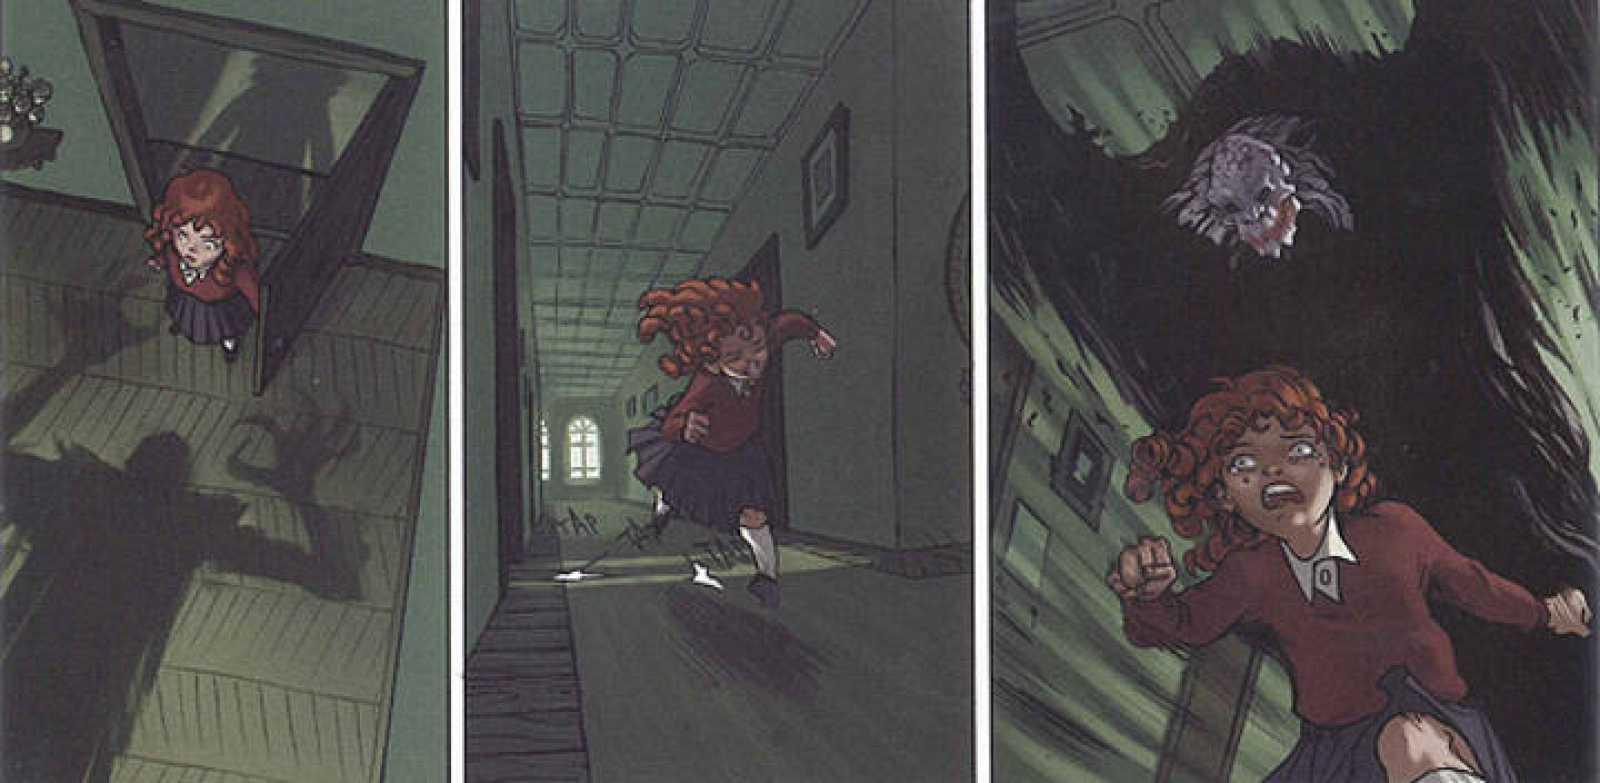 Viñetas de 'La casa de los susurros', de Muñoz, Tirso y Montes